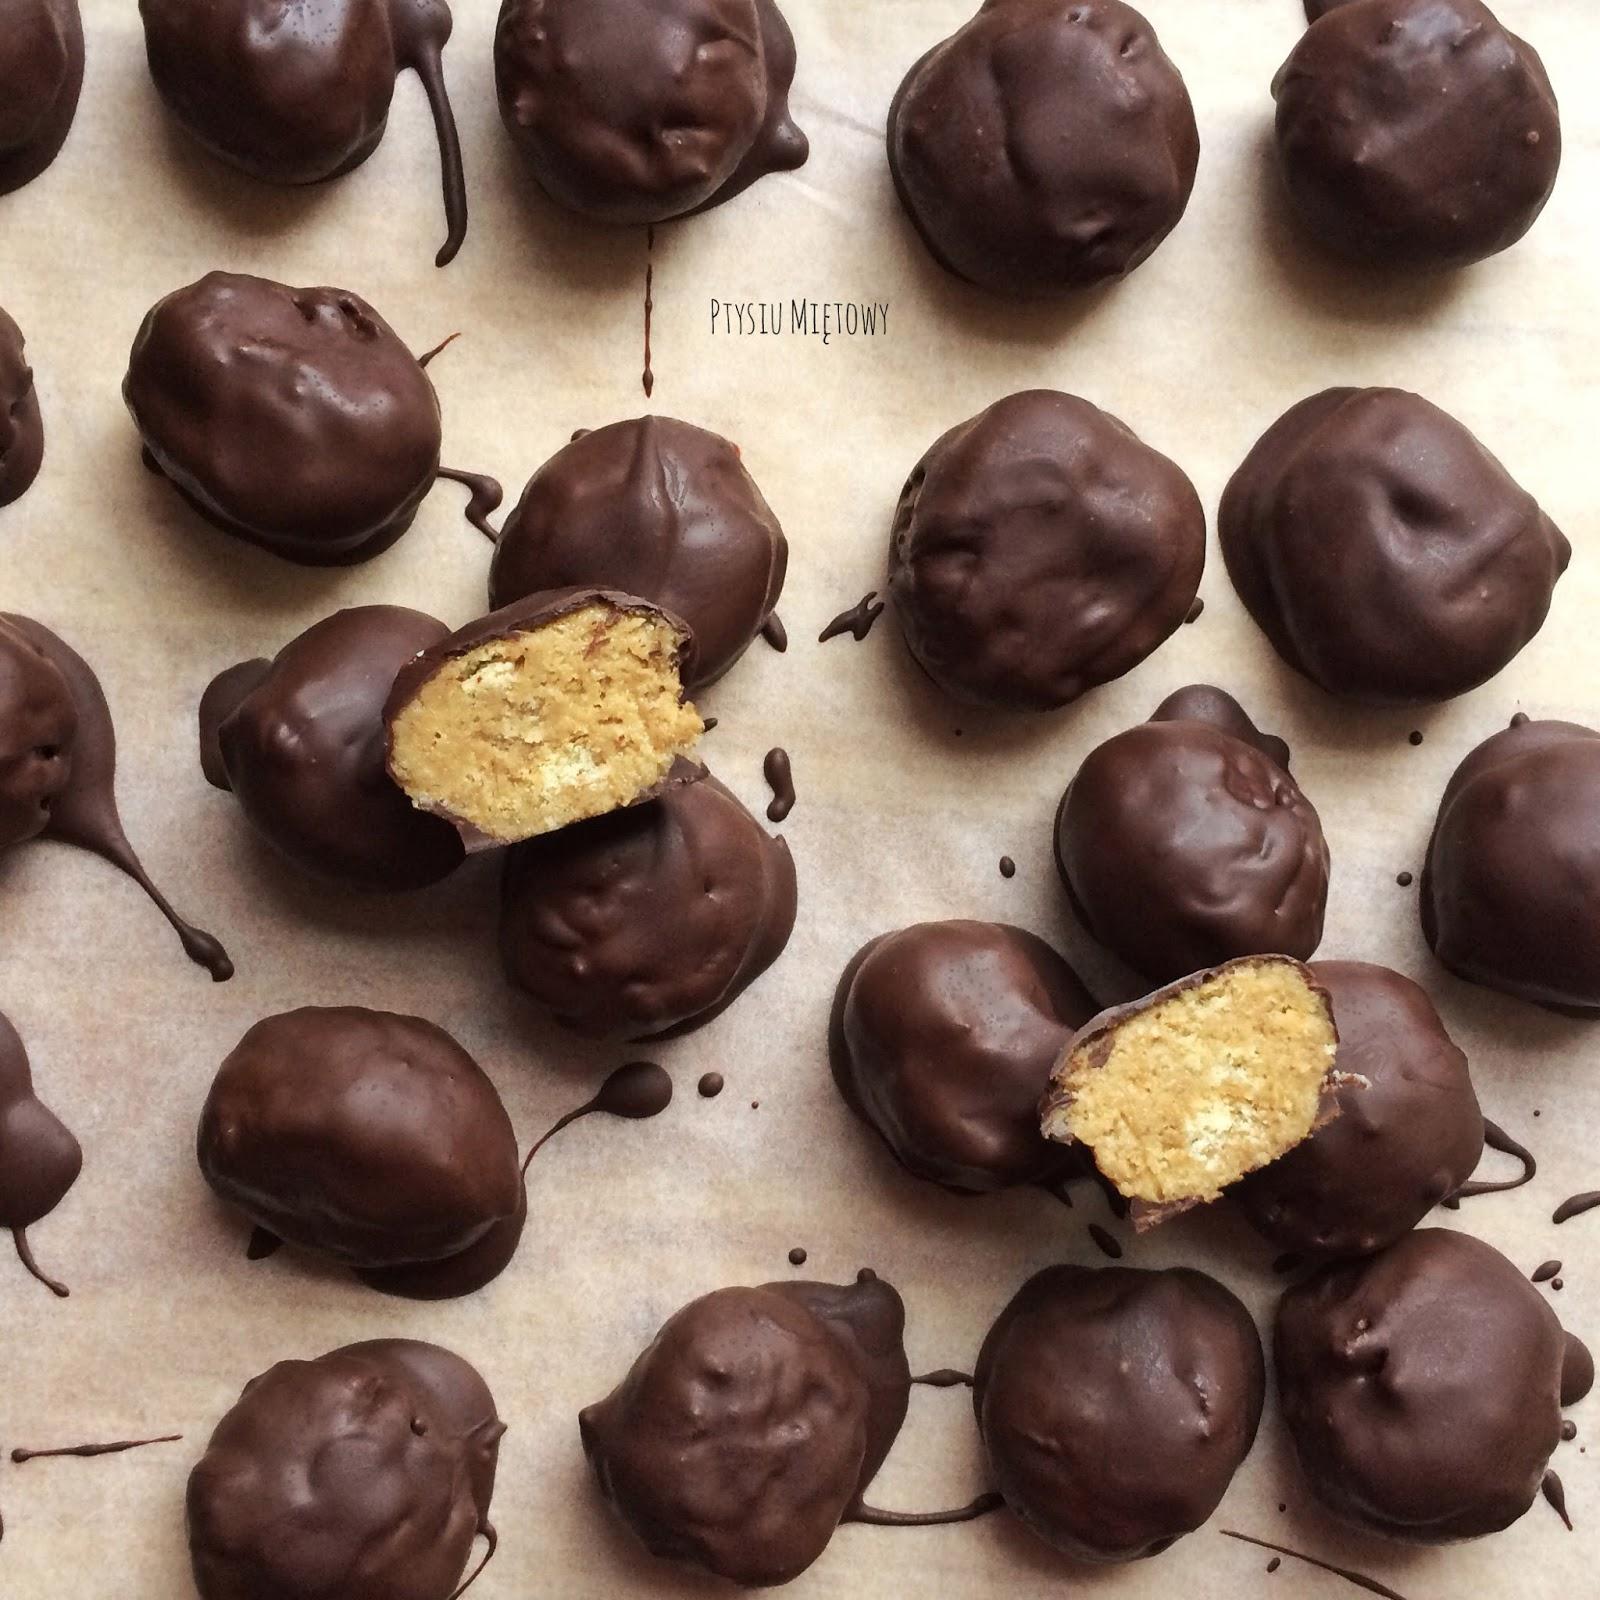 czekoaldki, ptysiu mietowy